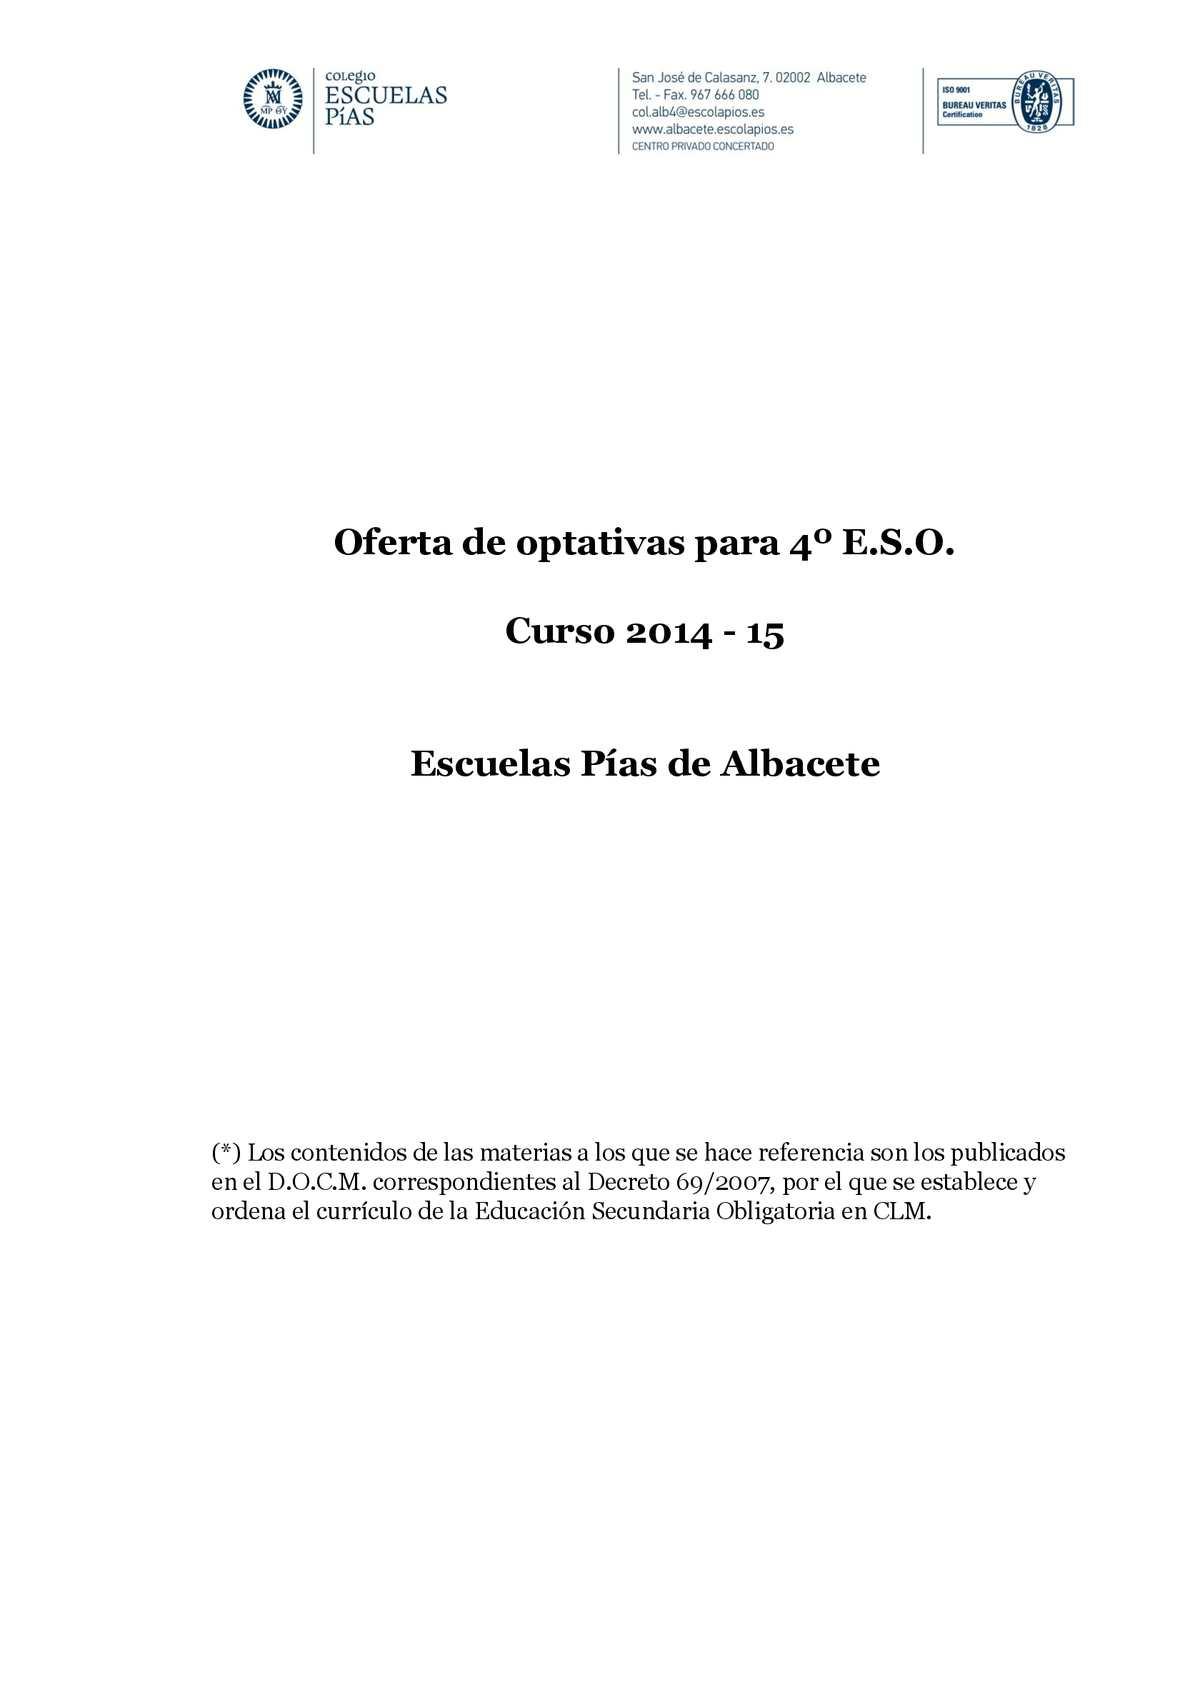 Calaméo - Oferta De Asignaturas Optativas De 4º Eso 2014 15